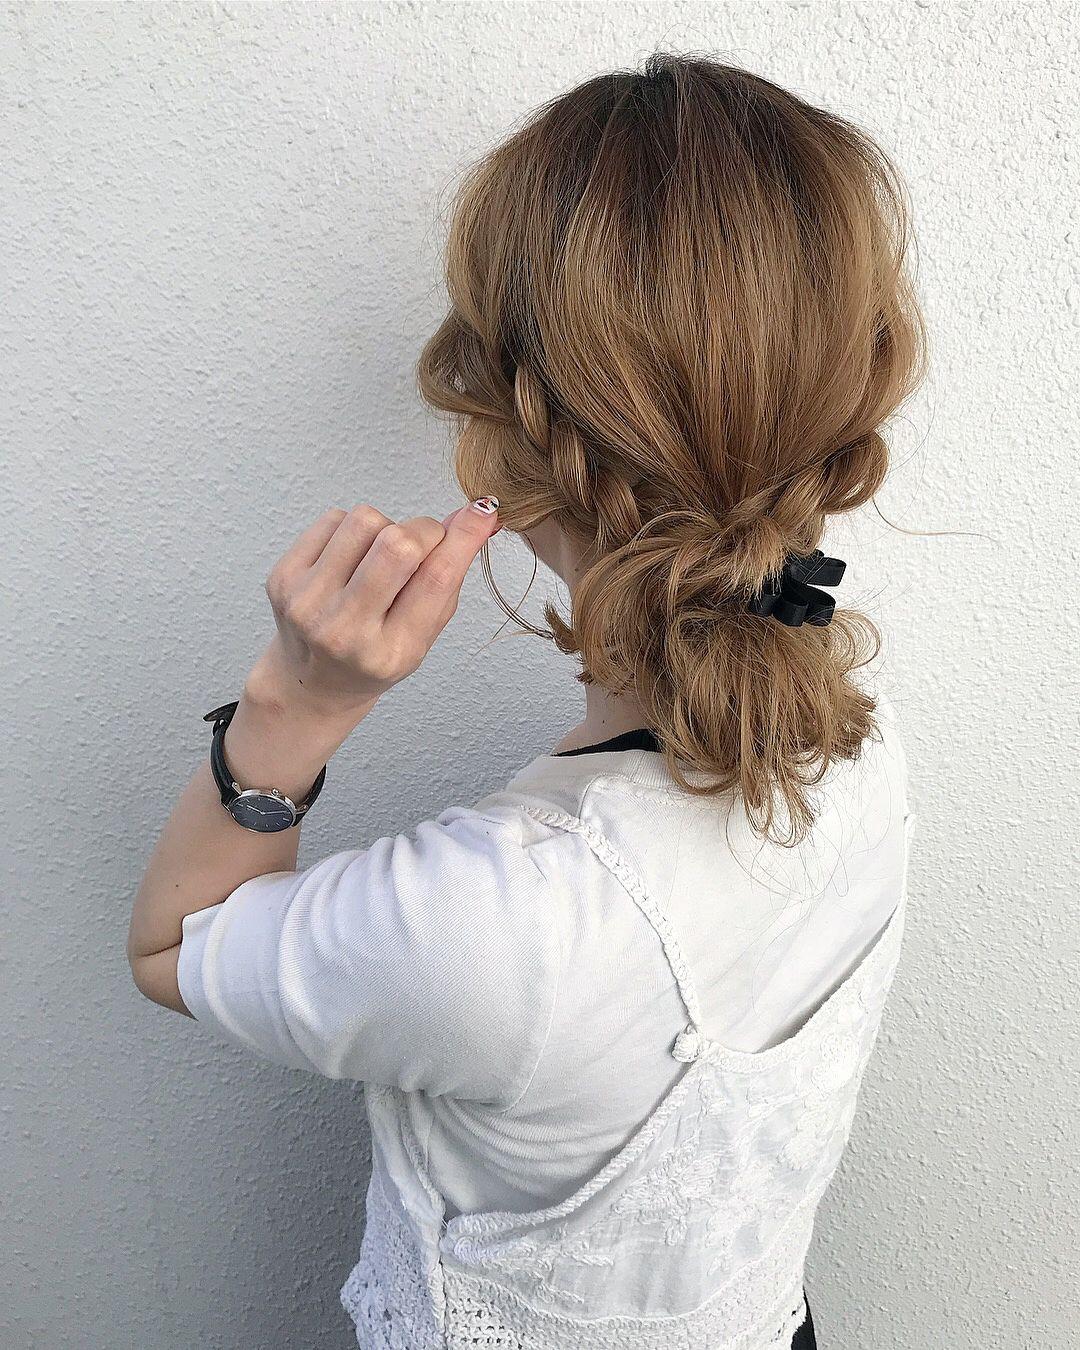 三つ編みだけですぐ完成 超簡単 まとめ髪 アレンジ 簡単 まとめ髪